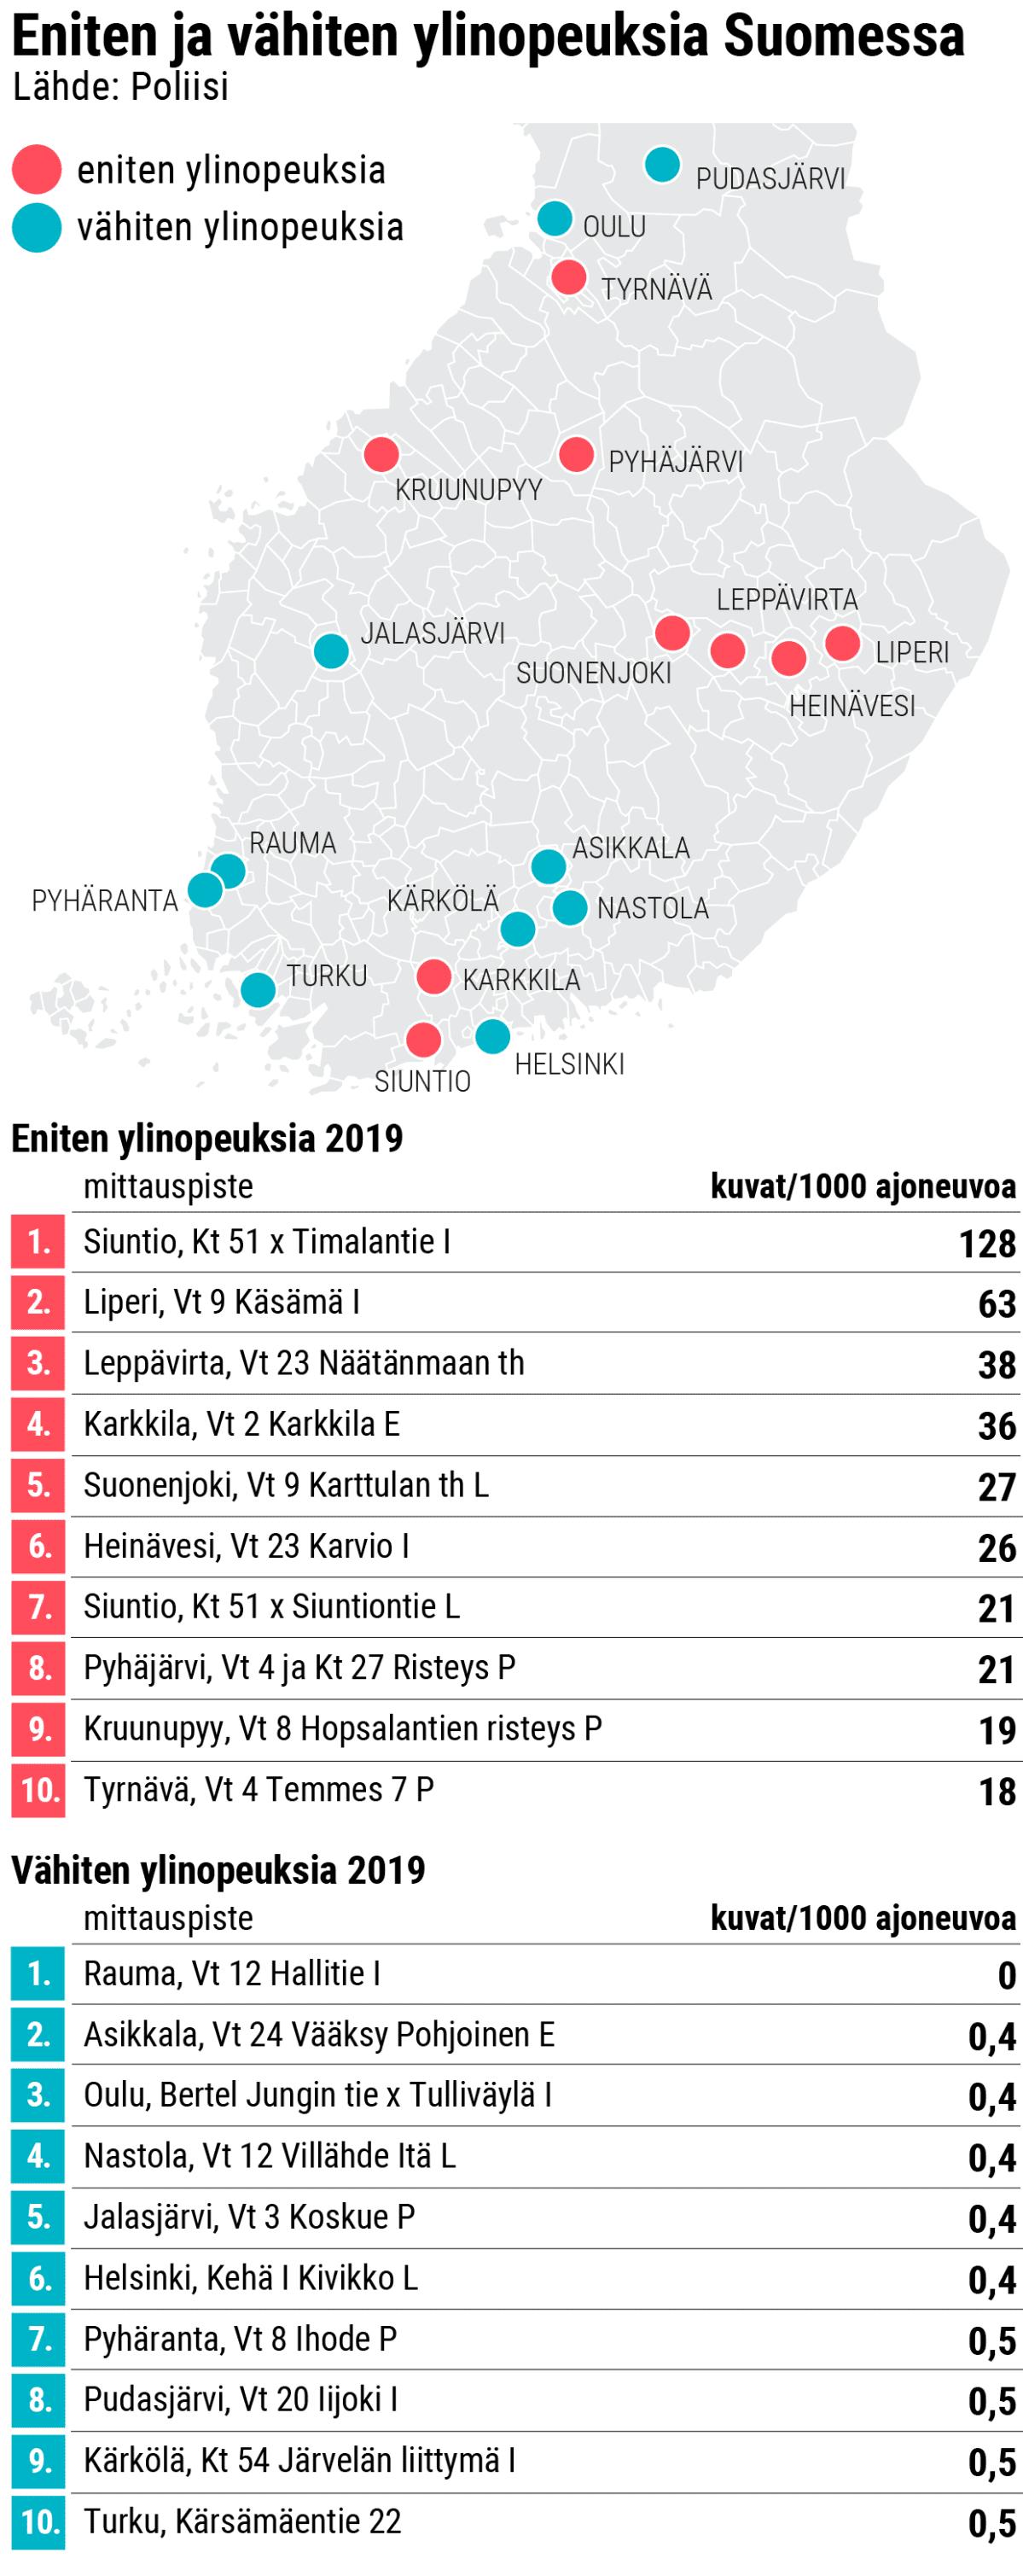 Eniten ja vähiten ylinopeuksia Suomessa.